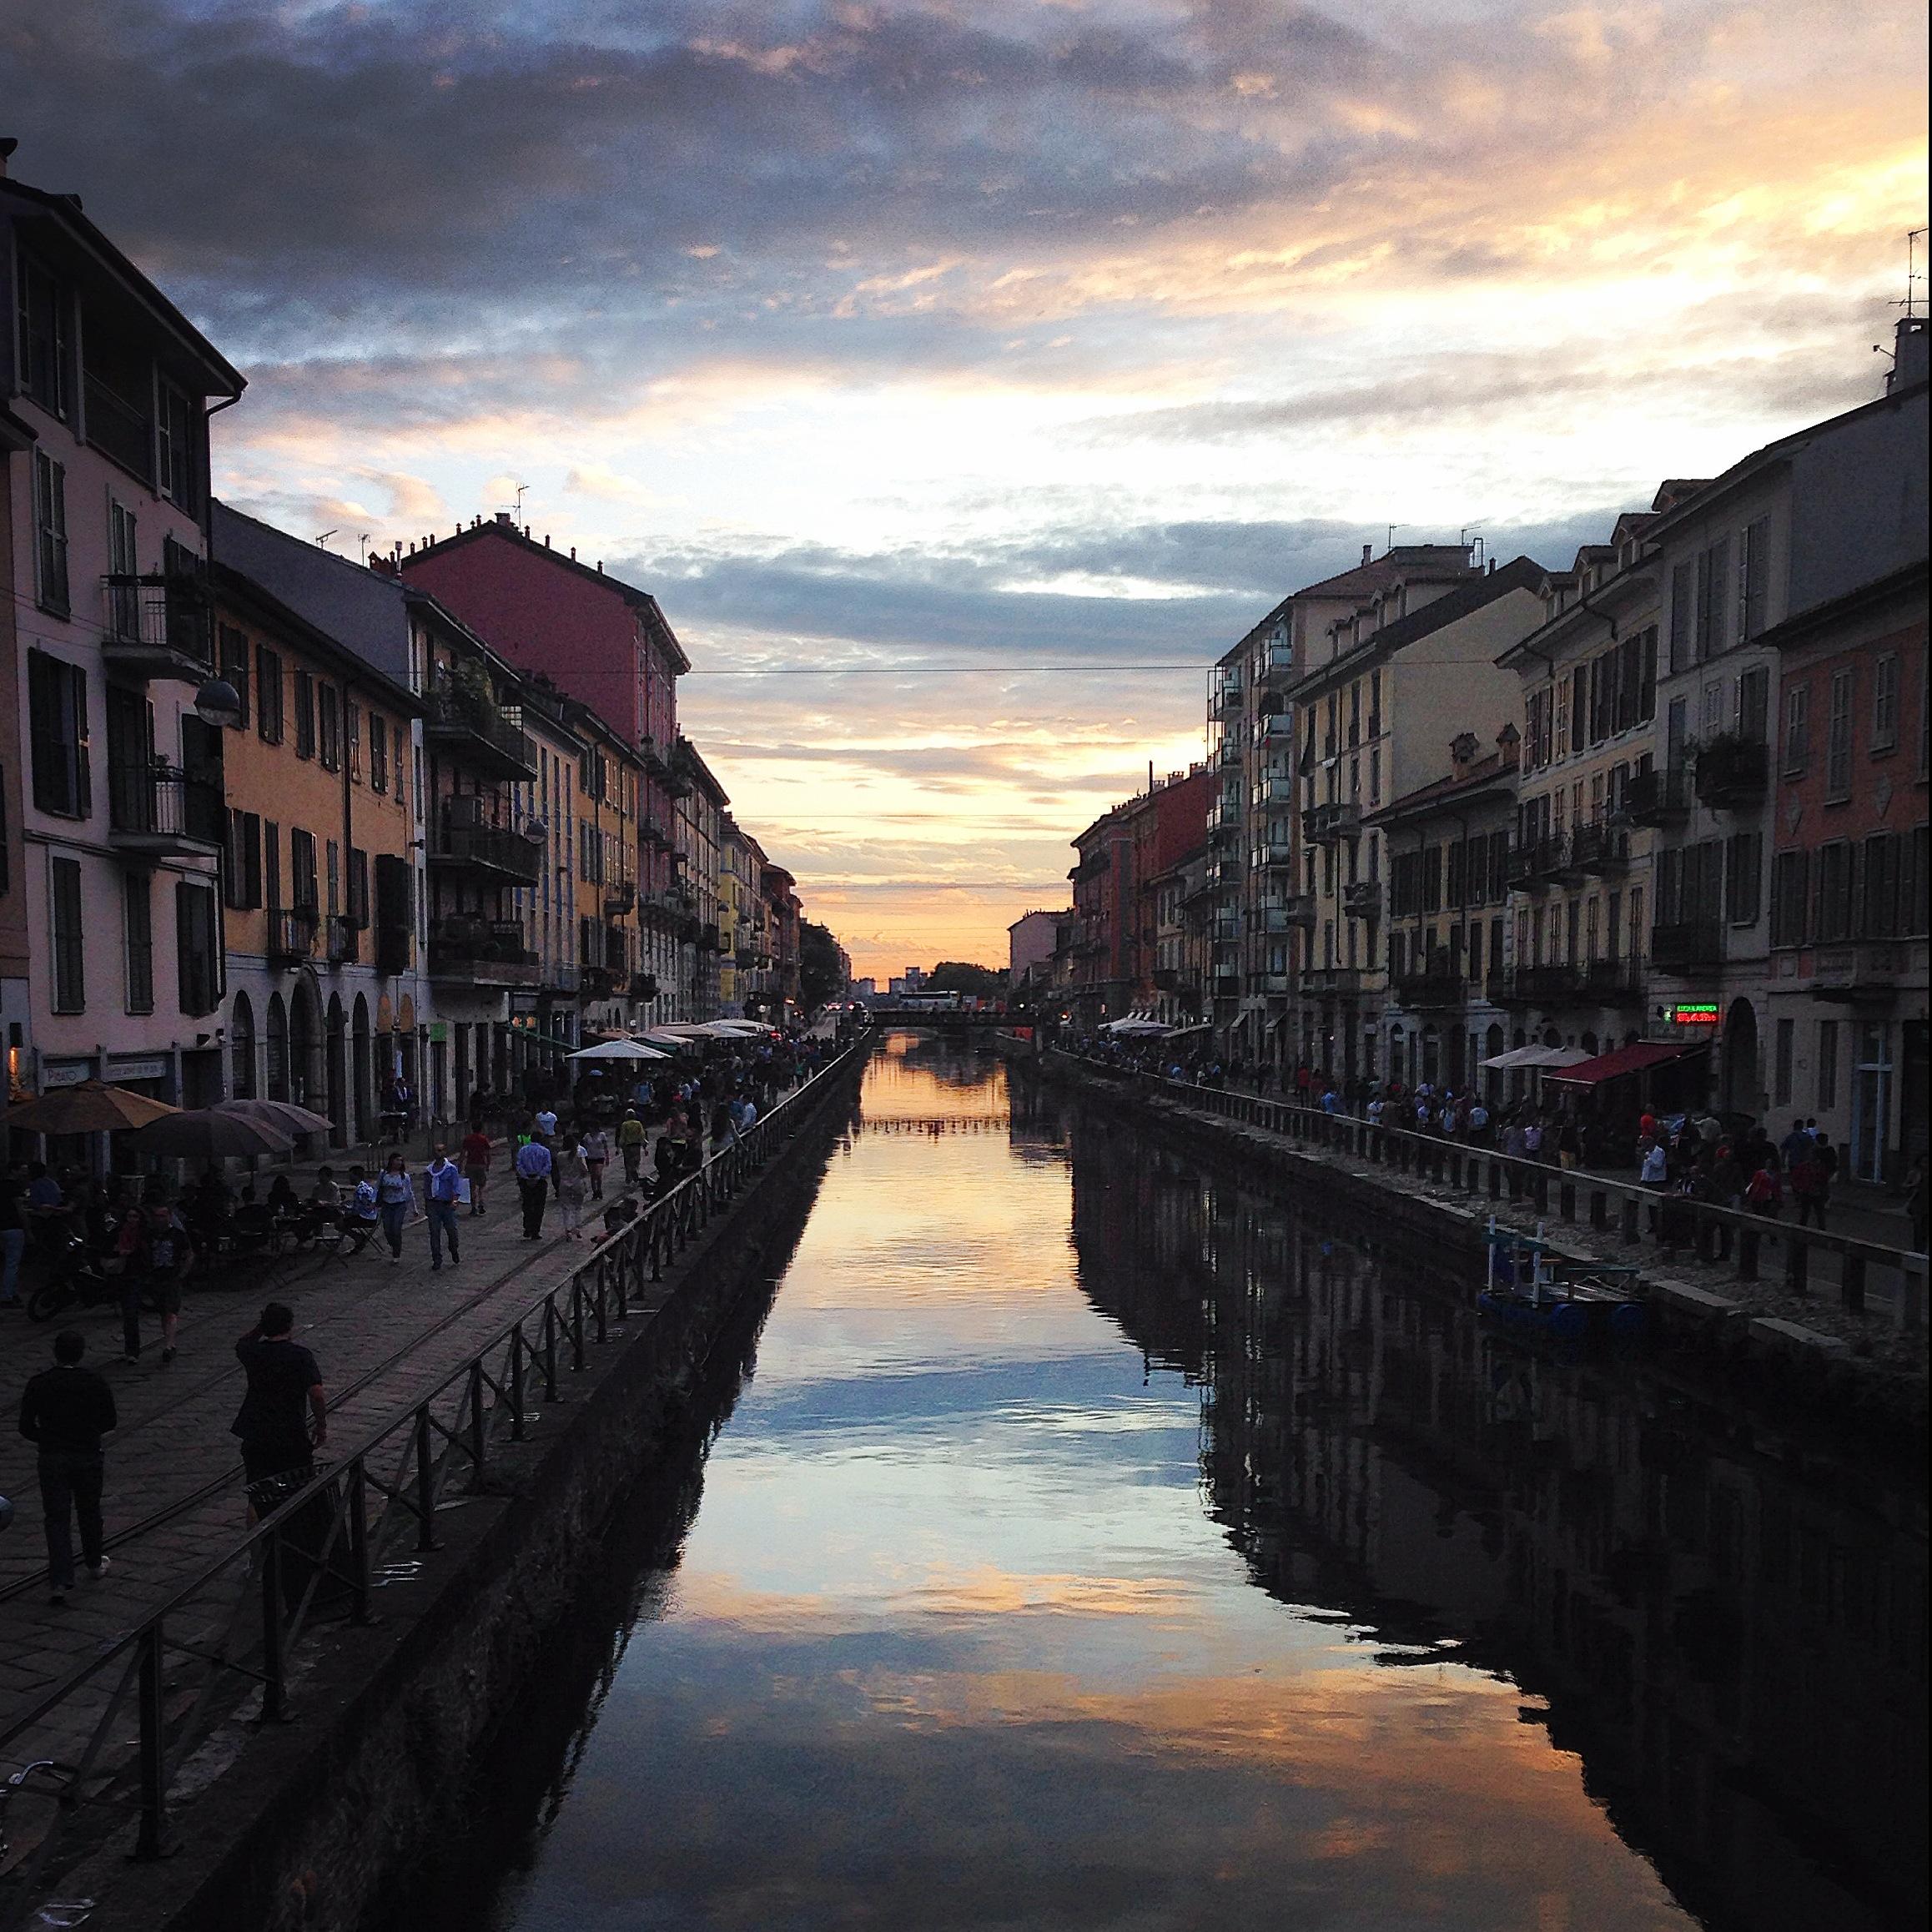 El Cicinin - Via Vigevano 5, 20144, Milano, 02 8424 7610